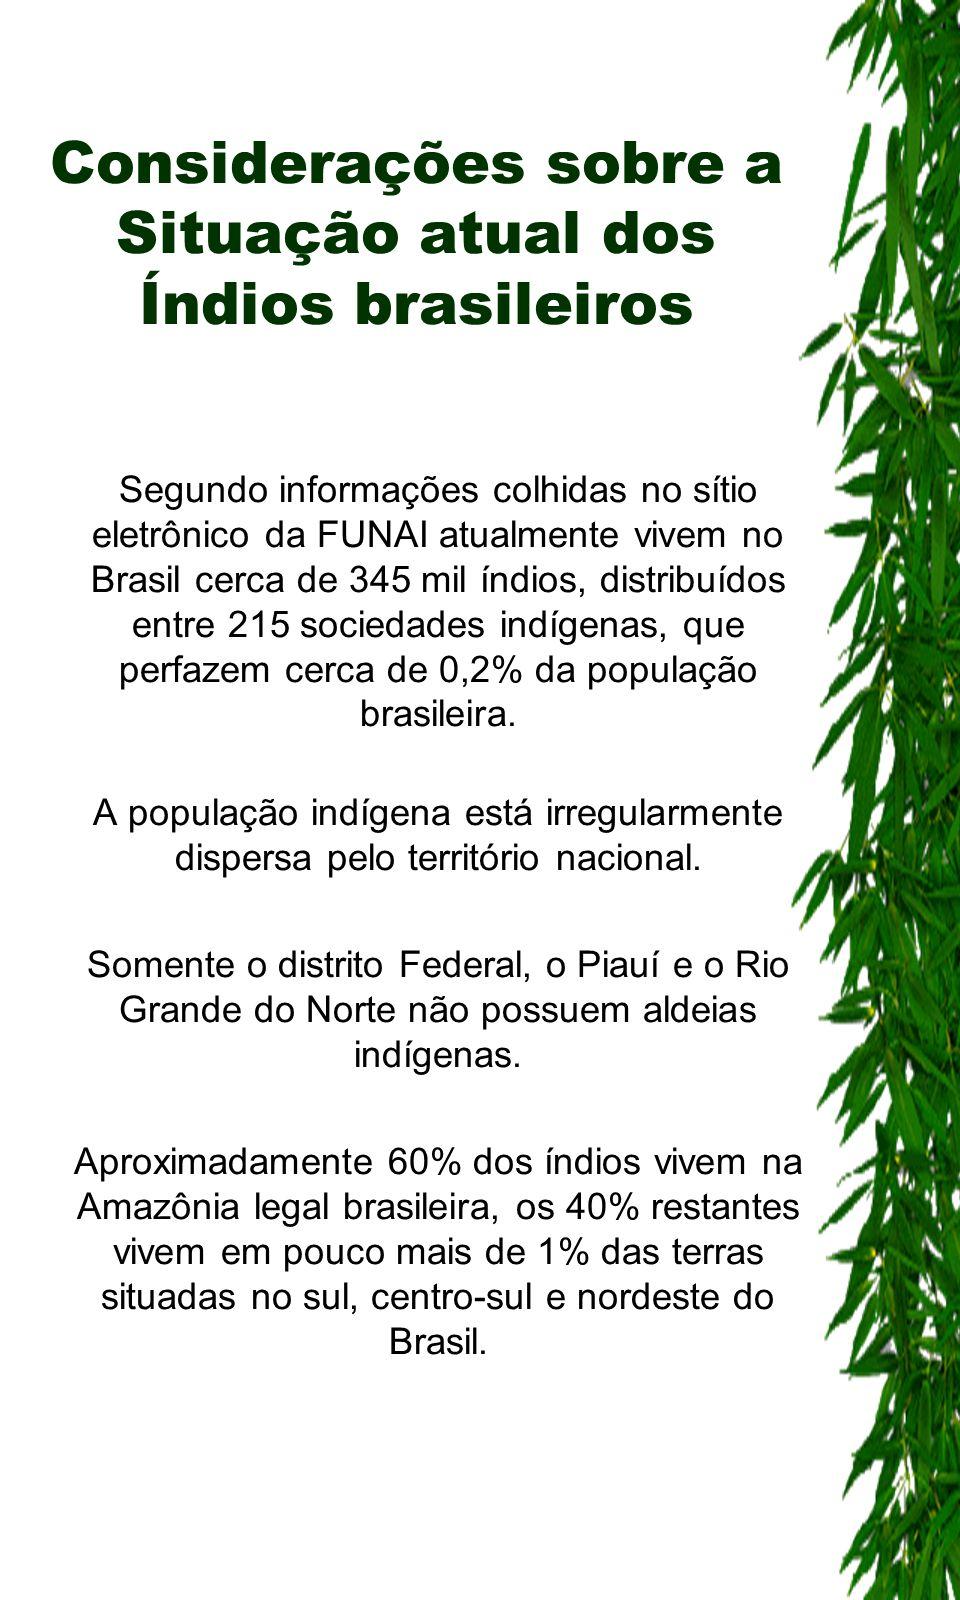 Considerações sobre a Situação atual dos Índios brasileiros Segundo informações colhidas no sítio eletrônico da FUNAI atualmente vivem no Brasil cerca